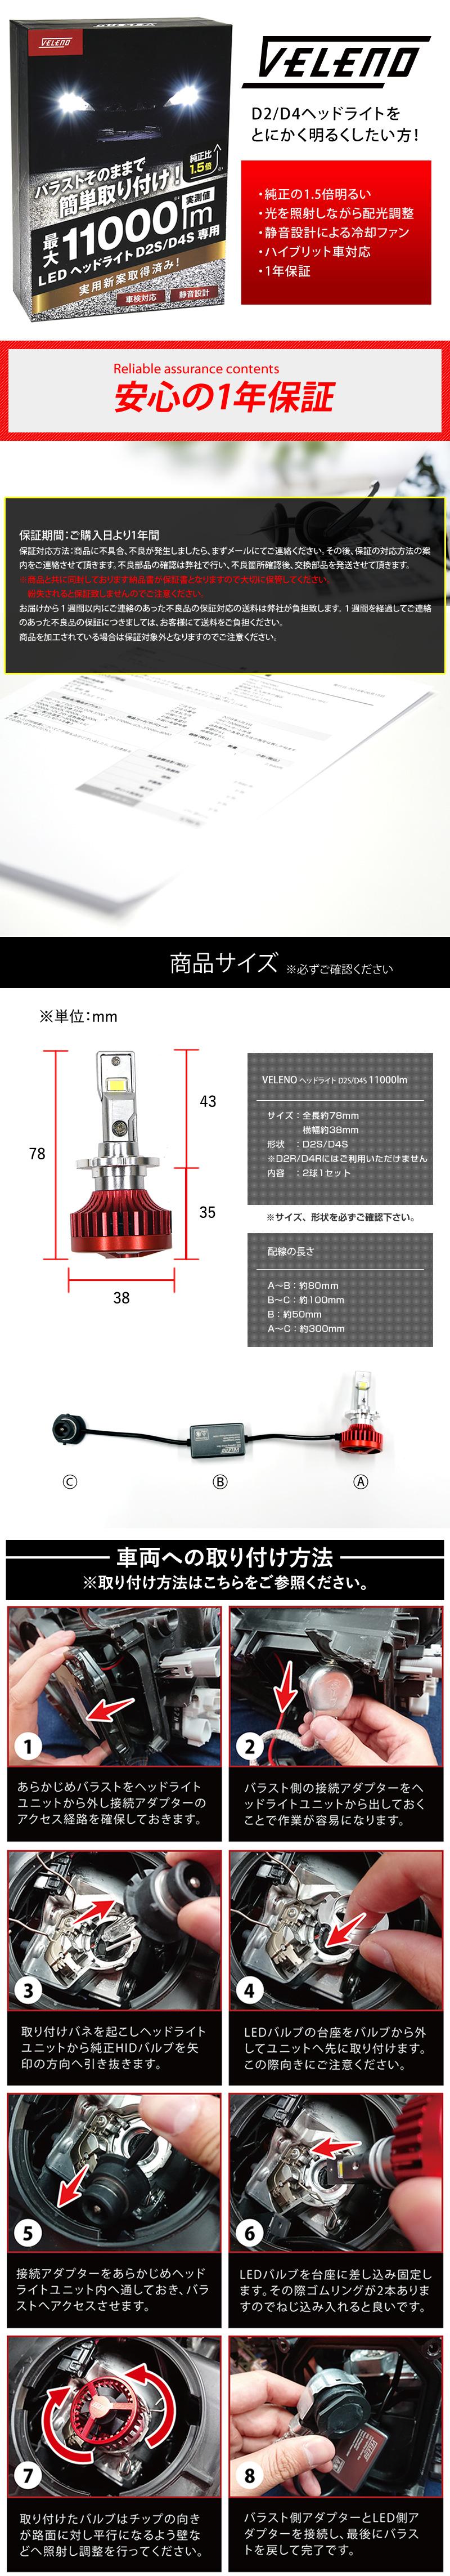 LEDヘッドライト,VELENO,D2S,D4S,最大11000lm ,LED,ヘッドライト,とにかく明るい,爆光,実用新案取得済み,送料無料,1年保証